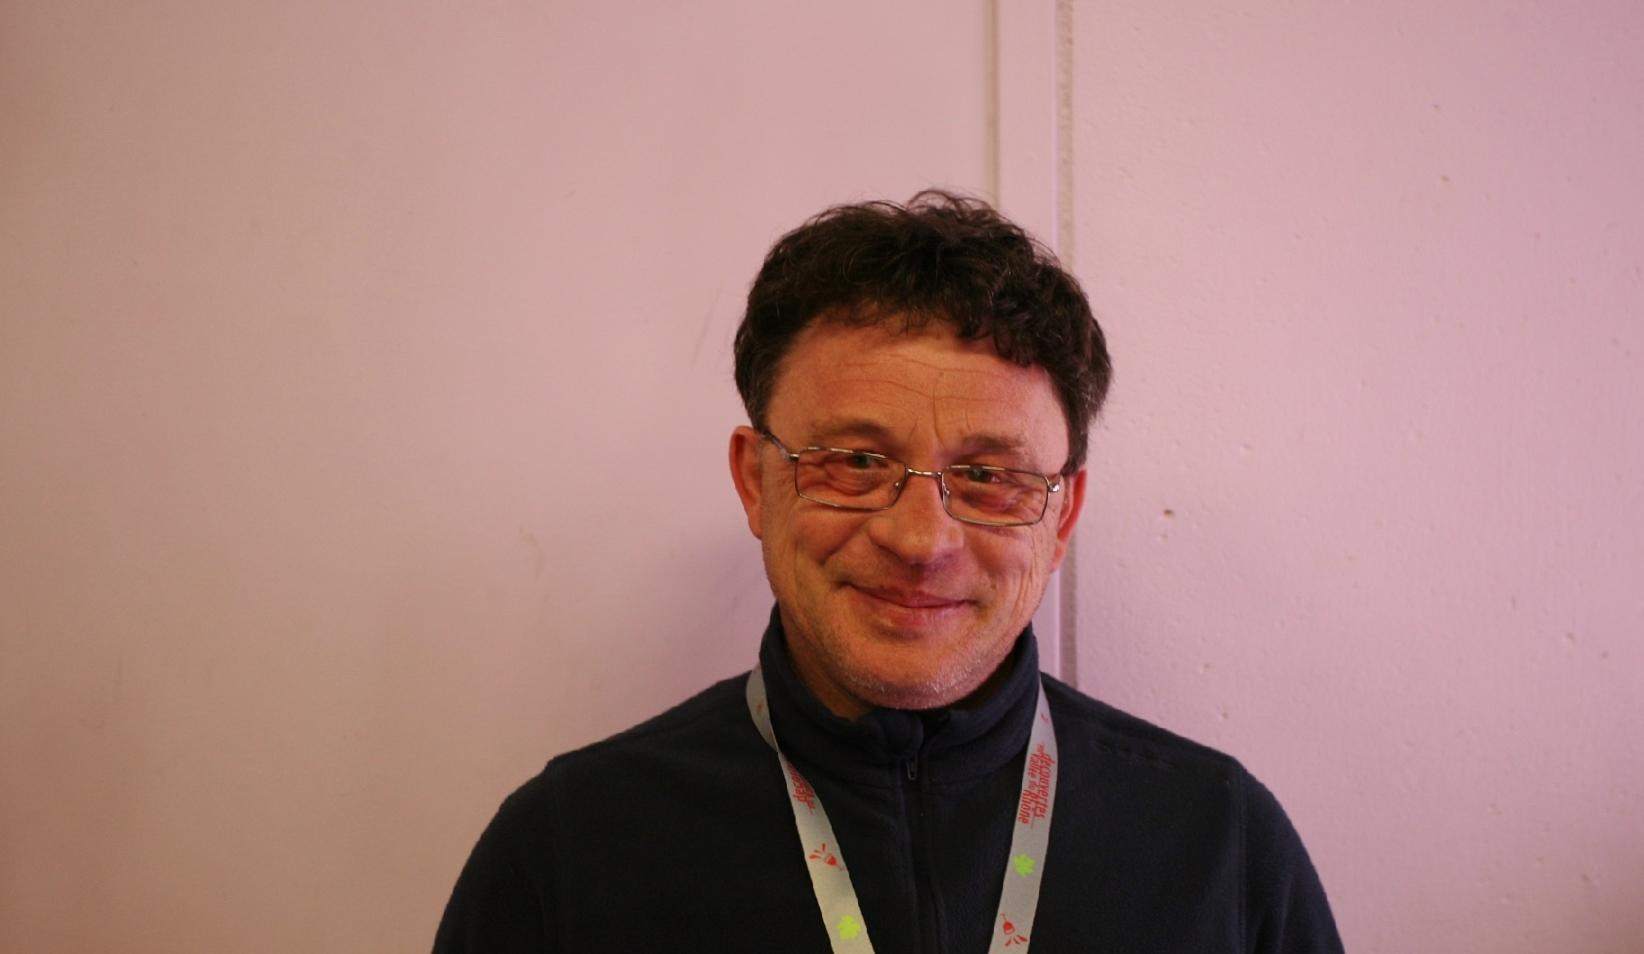 Jean-Michel Stephan